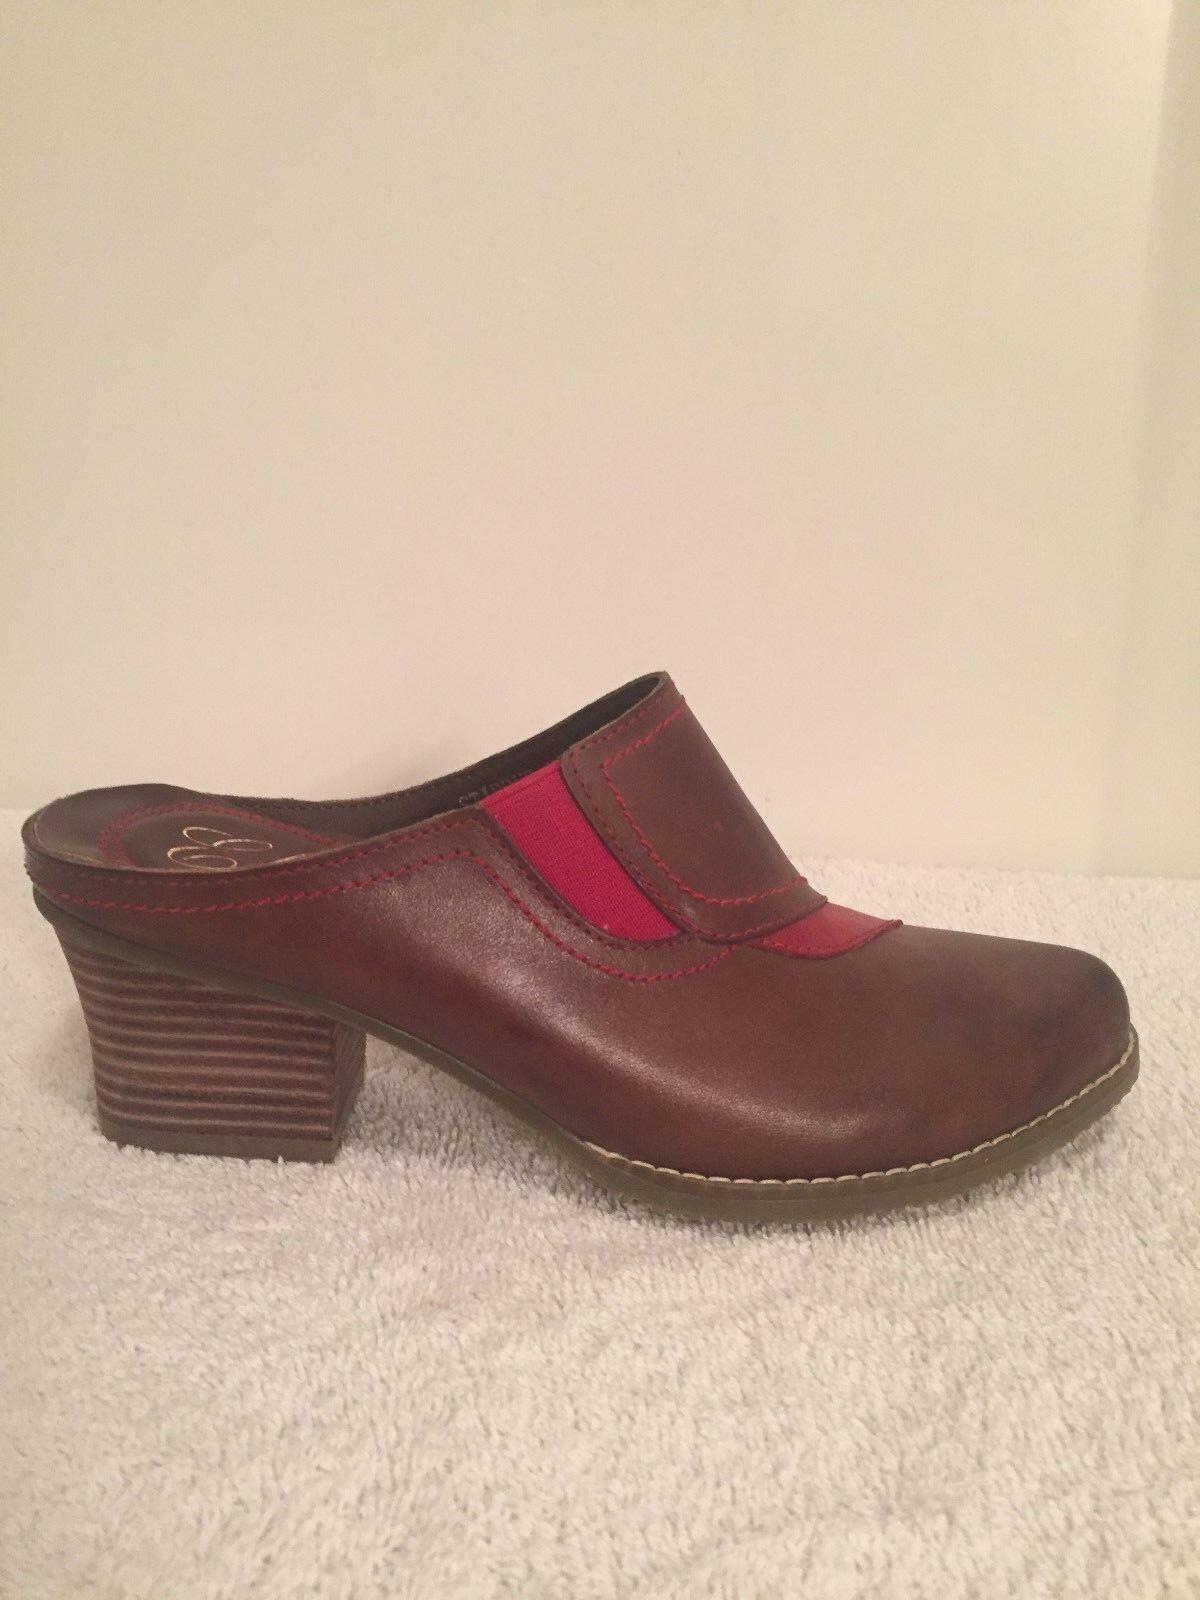 Corky s Elite Stirrup skor   cloc     mule Läder ny FÖRSÄLJNING  märken online billig försäljning